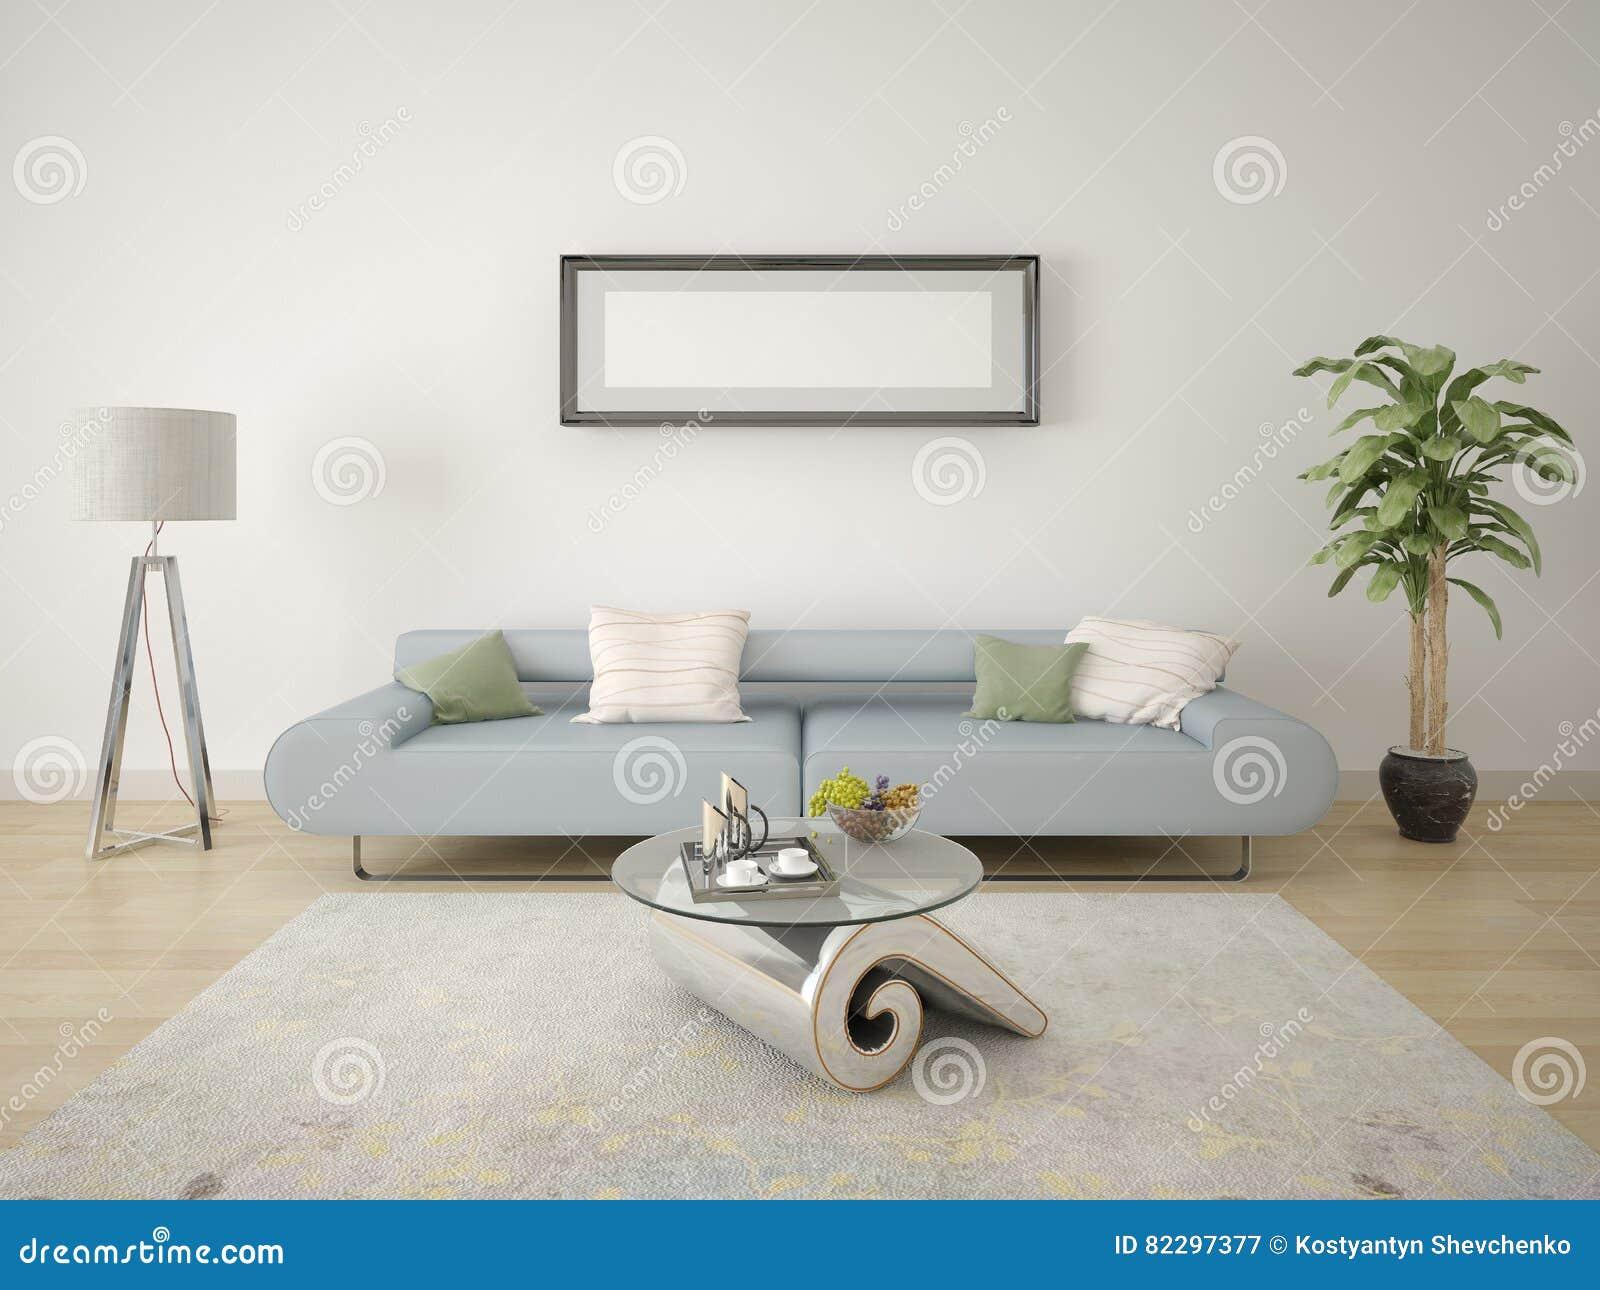 Koraalkleur De Woonkamer : Spot omhoog in een moderne woonkamer met een modieuze lamp en